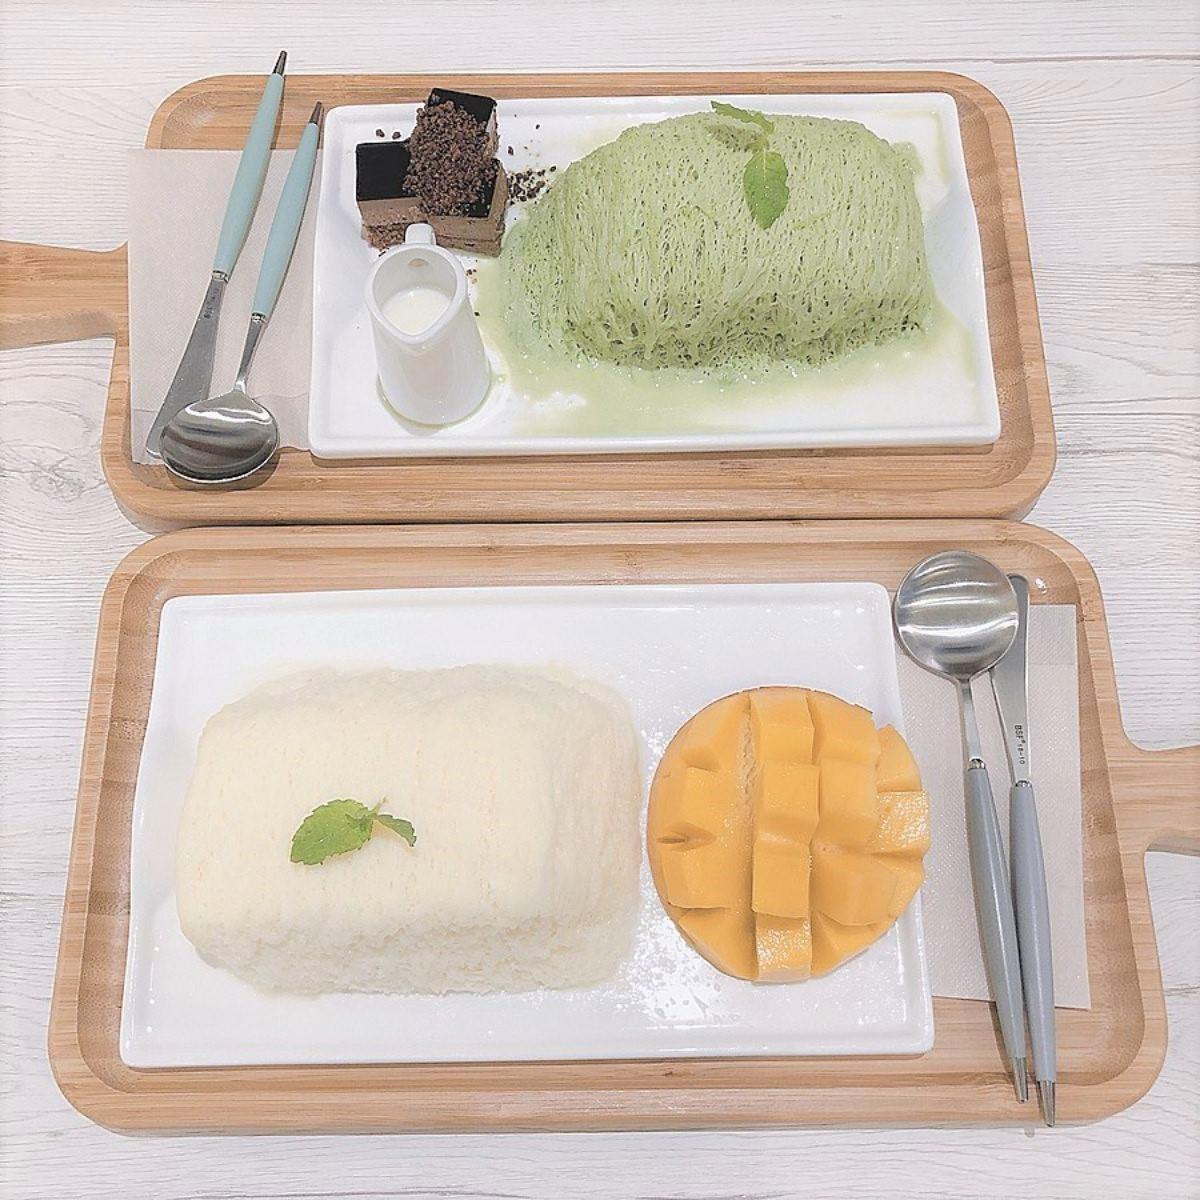 韓国版かき氷は見た目も味も進化していた!「ビンス(ピンス)」が食べられる日本全国のお店まとめ